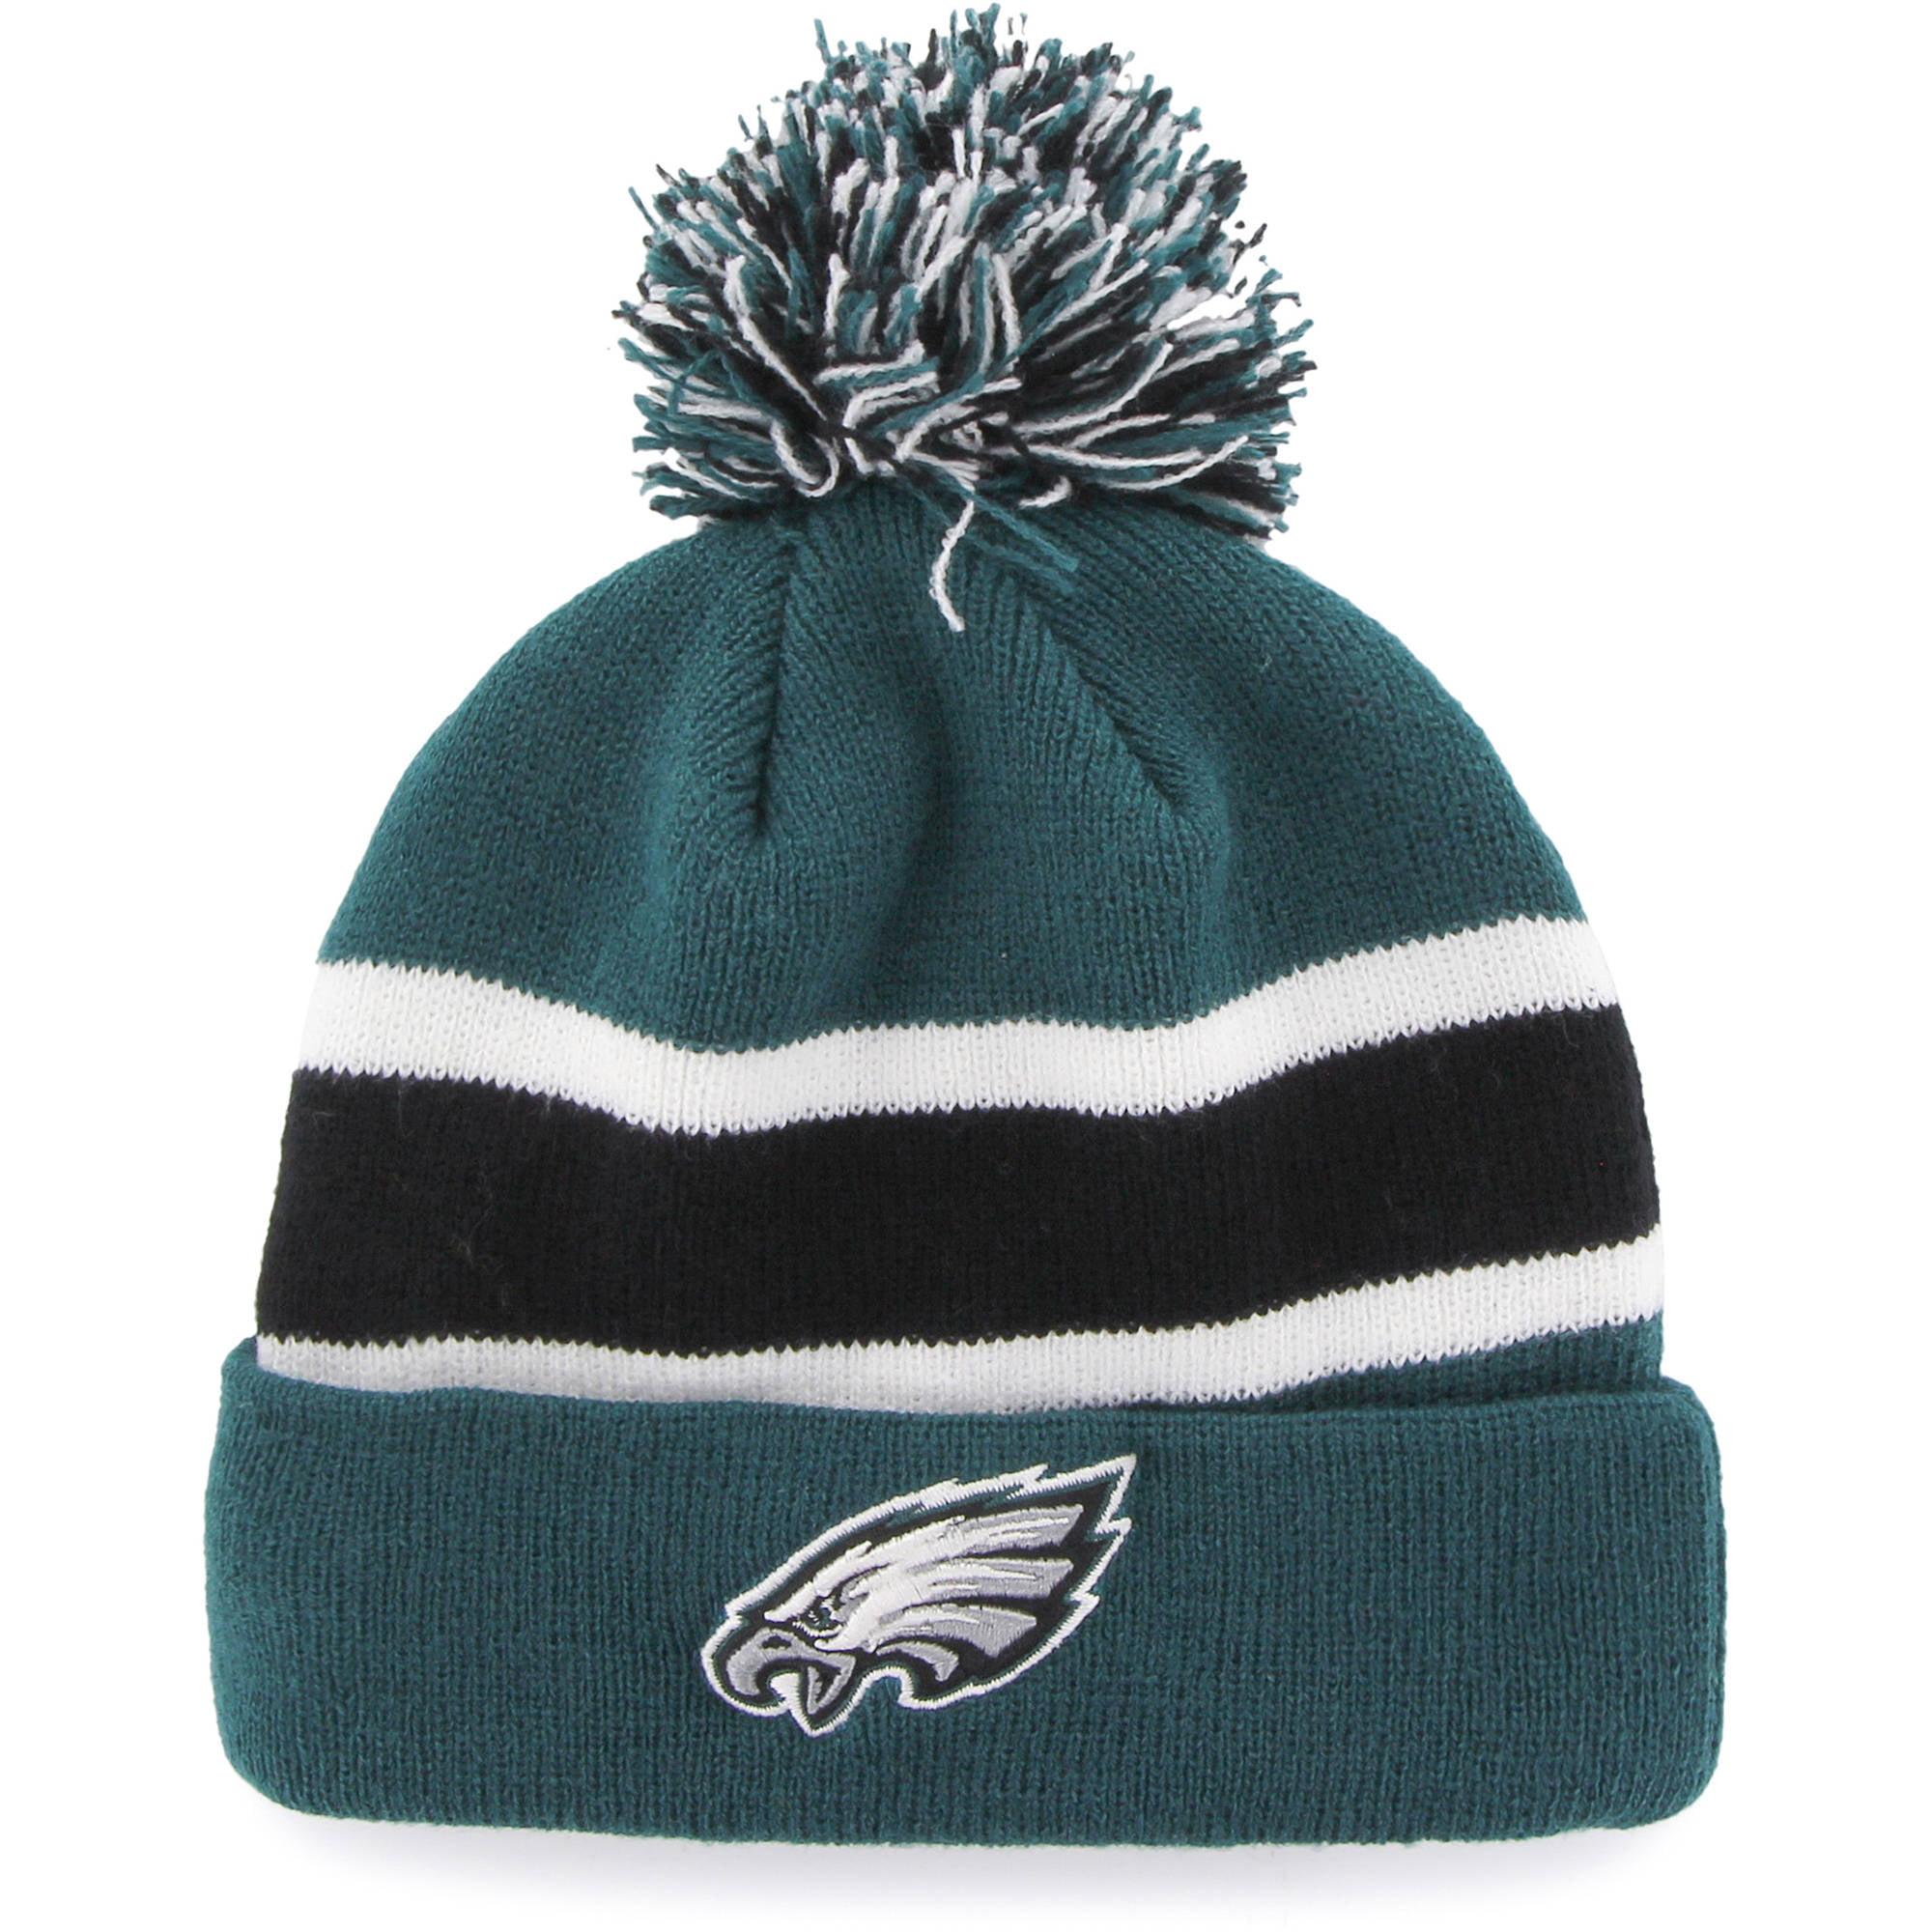 NFL Philadelphia Eagles Breakaway Knit Beanie with Pom by Fan Favorite